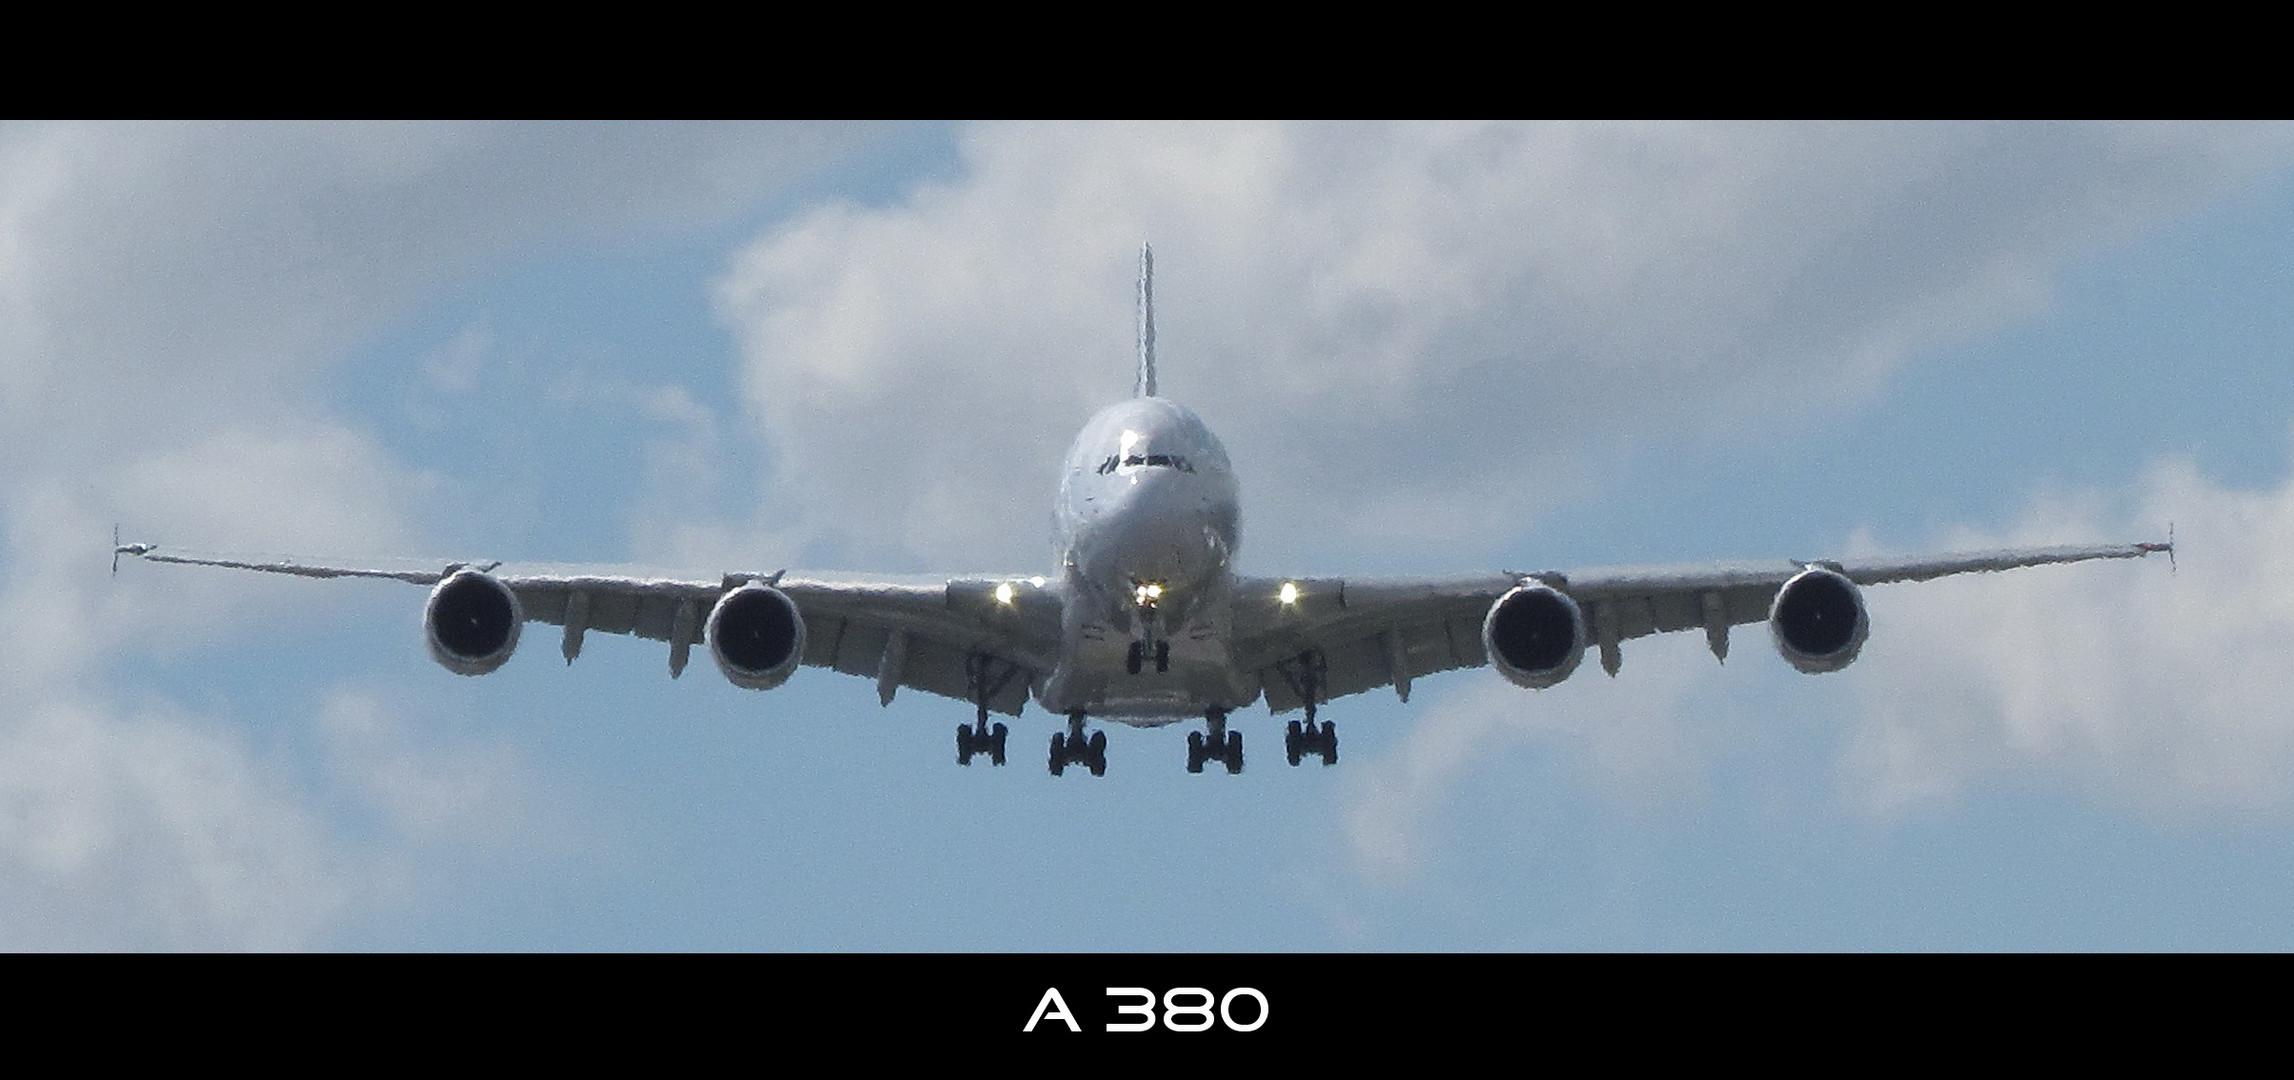 A380 im Landeanflug - Le Bourget 2011